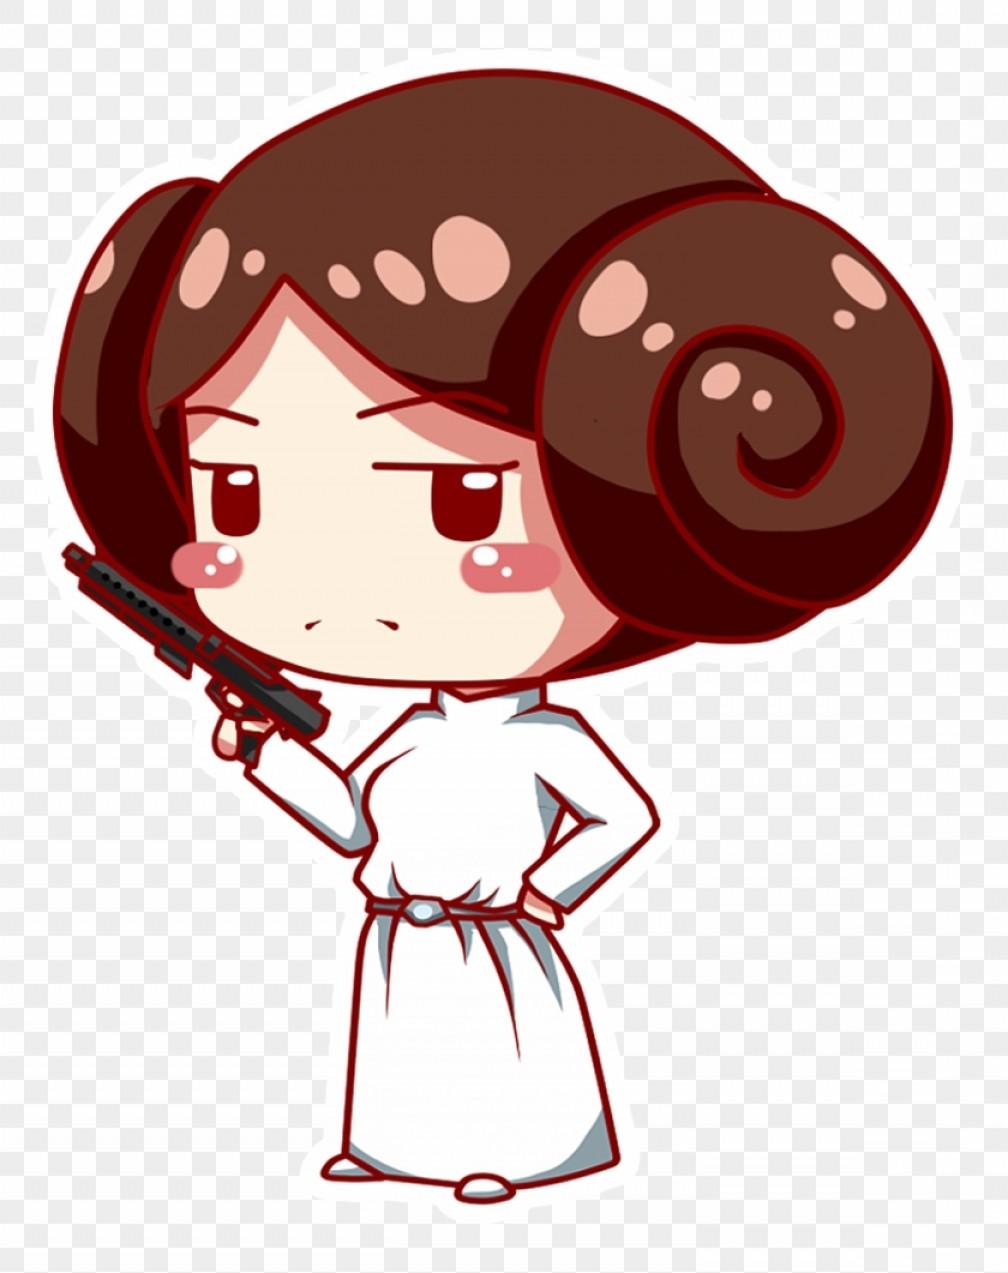 Mimmdbkbprincess Leia Clipart Cute Star Wars Chibi Leia.